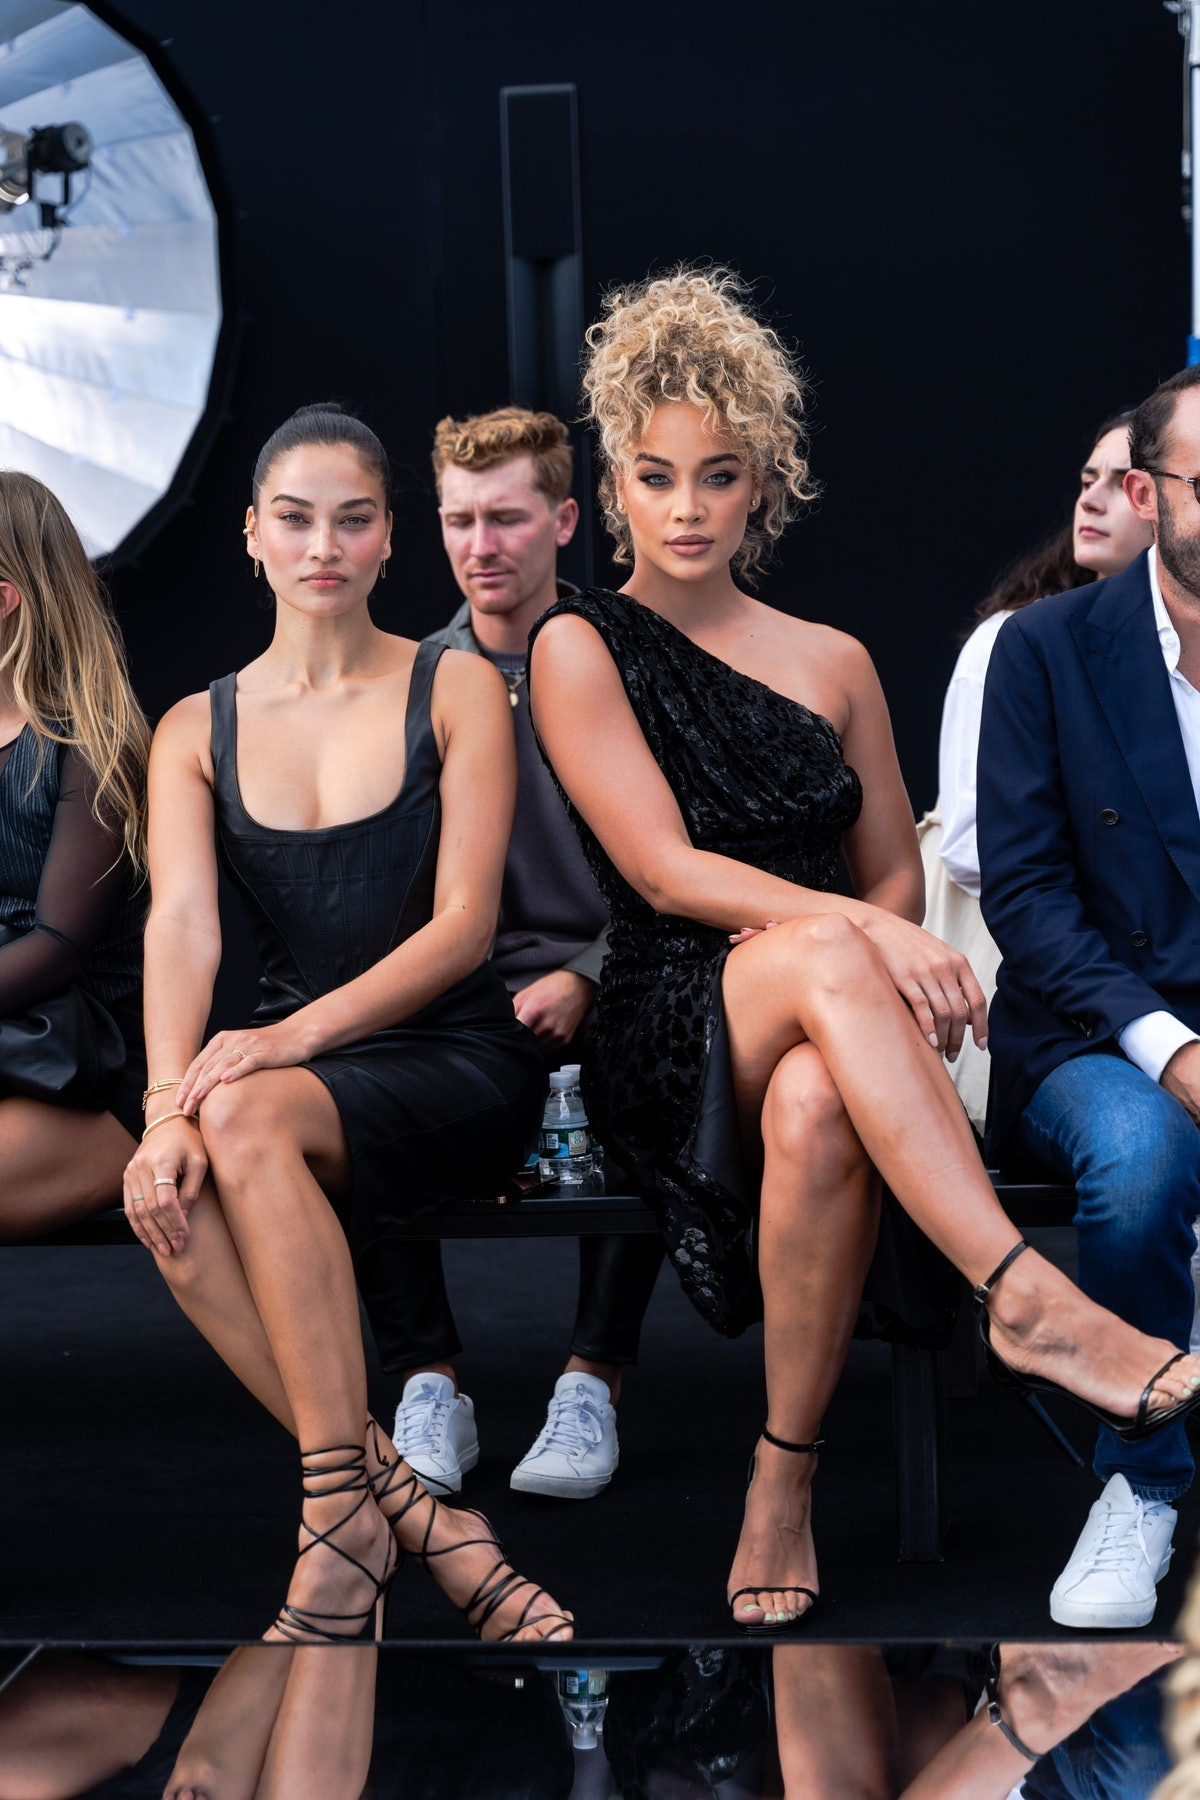 شانینا شایک (L) و یاسمین سندرز در نمایشگاه باند DUNDAS x REVOLVE NYFW در Casa Cipriani شرکت می کنند ...